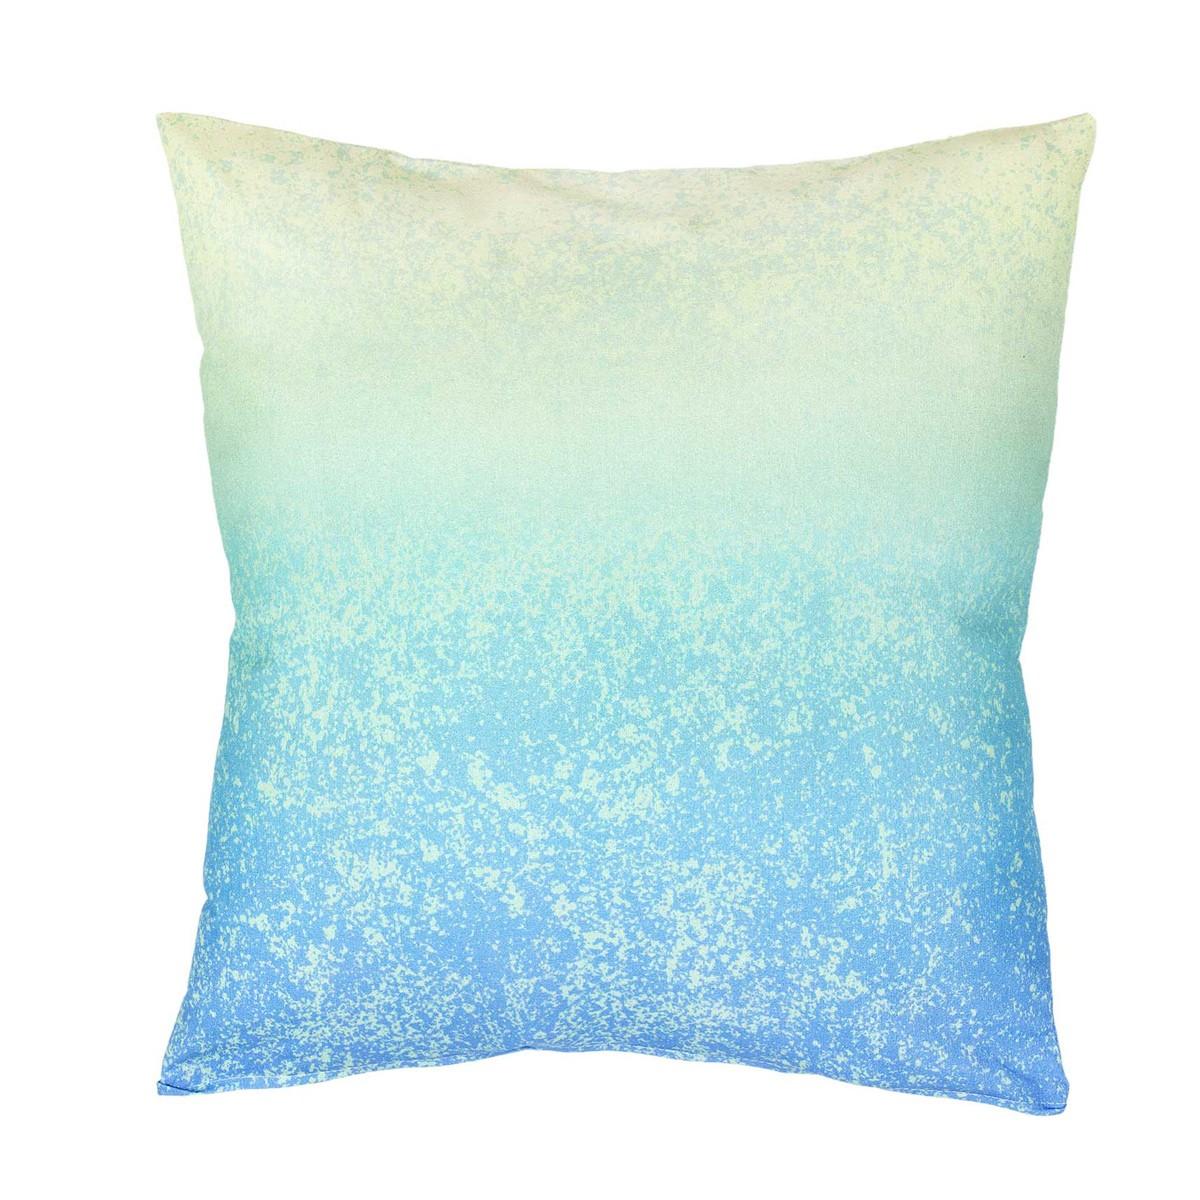 Διακοσμητική Μαξιλαροθήκη Nima Cushions Samoa Blue